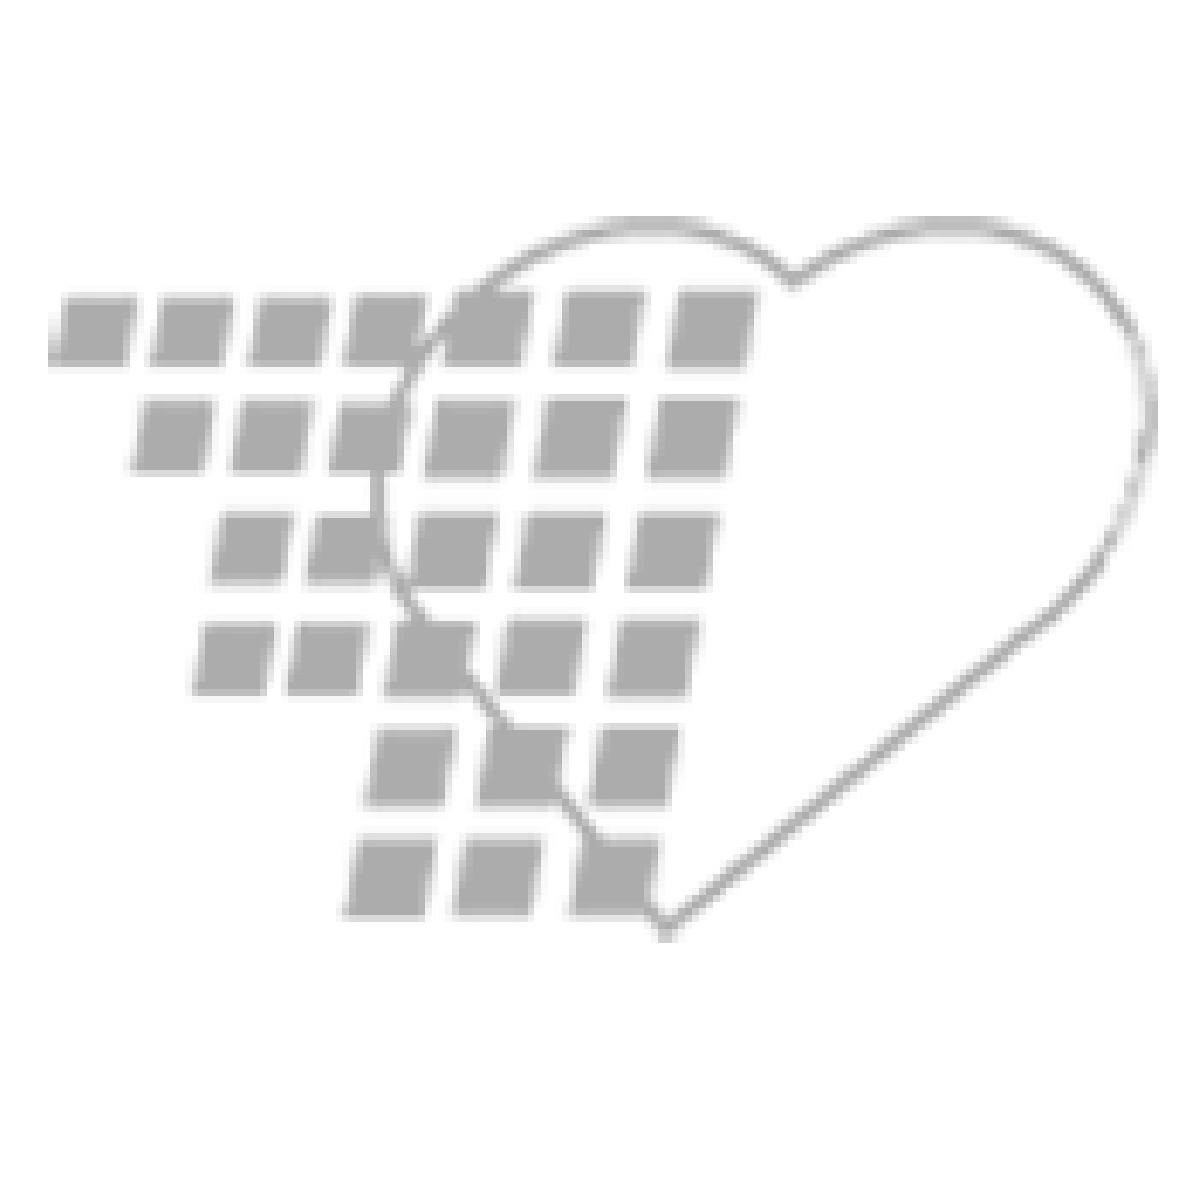 02-87-7000 - Clarity Urocheck 120 Urine Analyzer